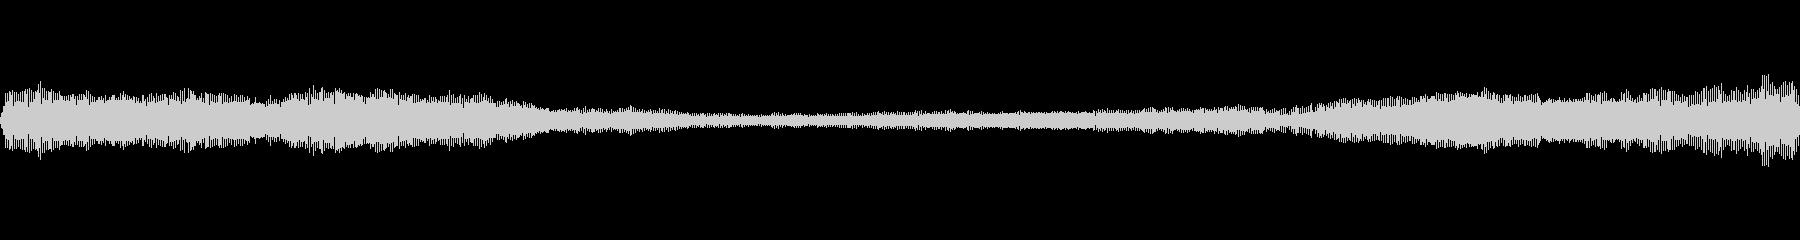 ブーン(虫の羽音です)の未再生の波形